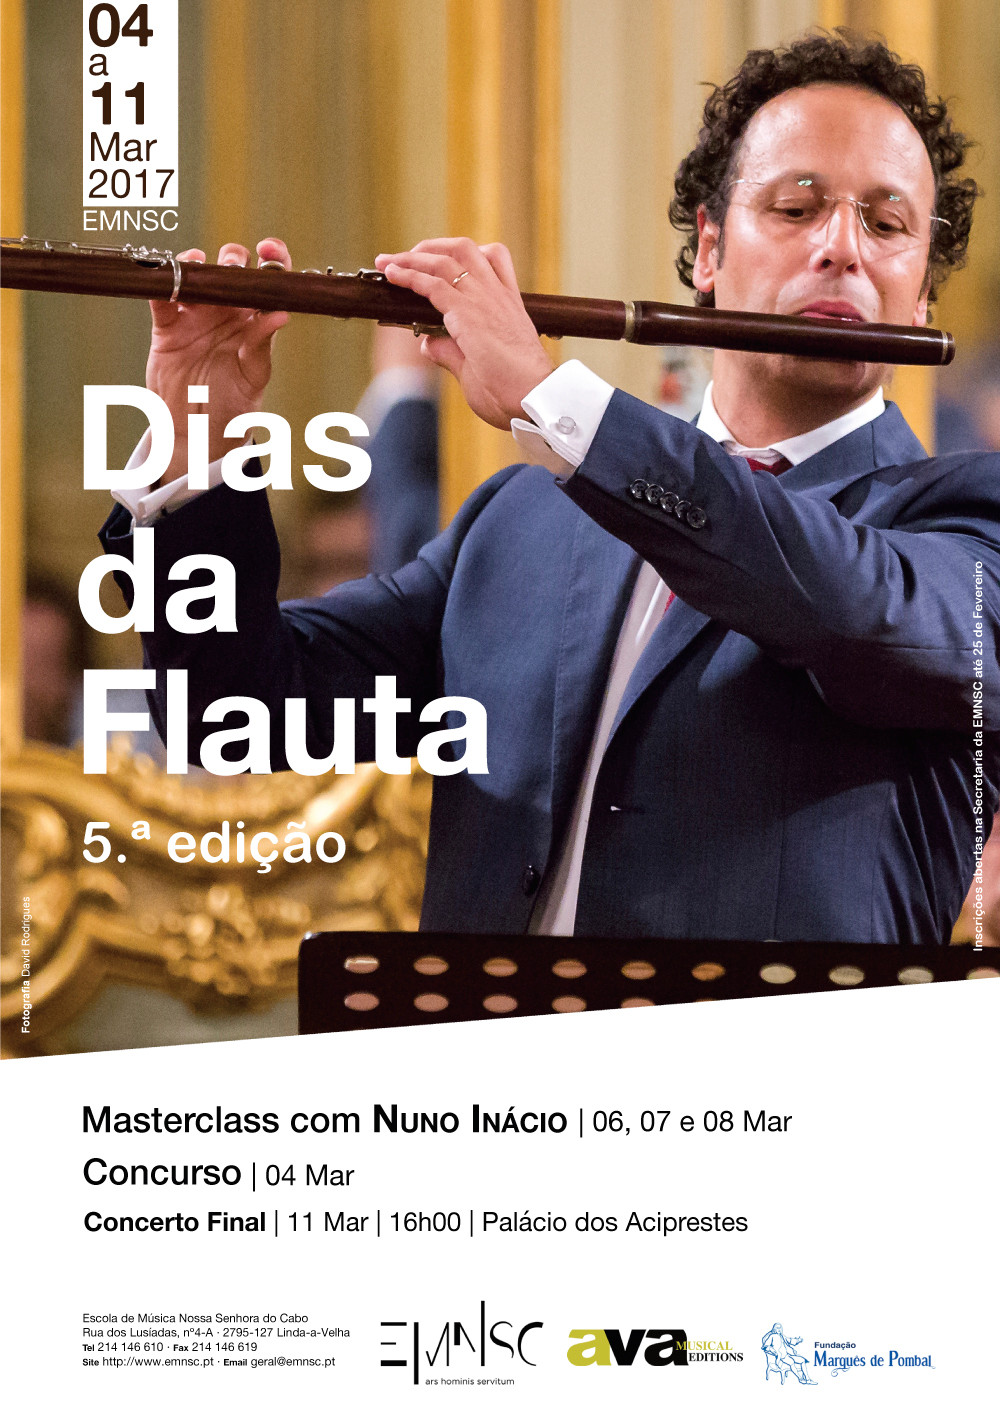 Dias da Flauta EMNSC | Nuno Inácio